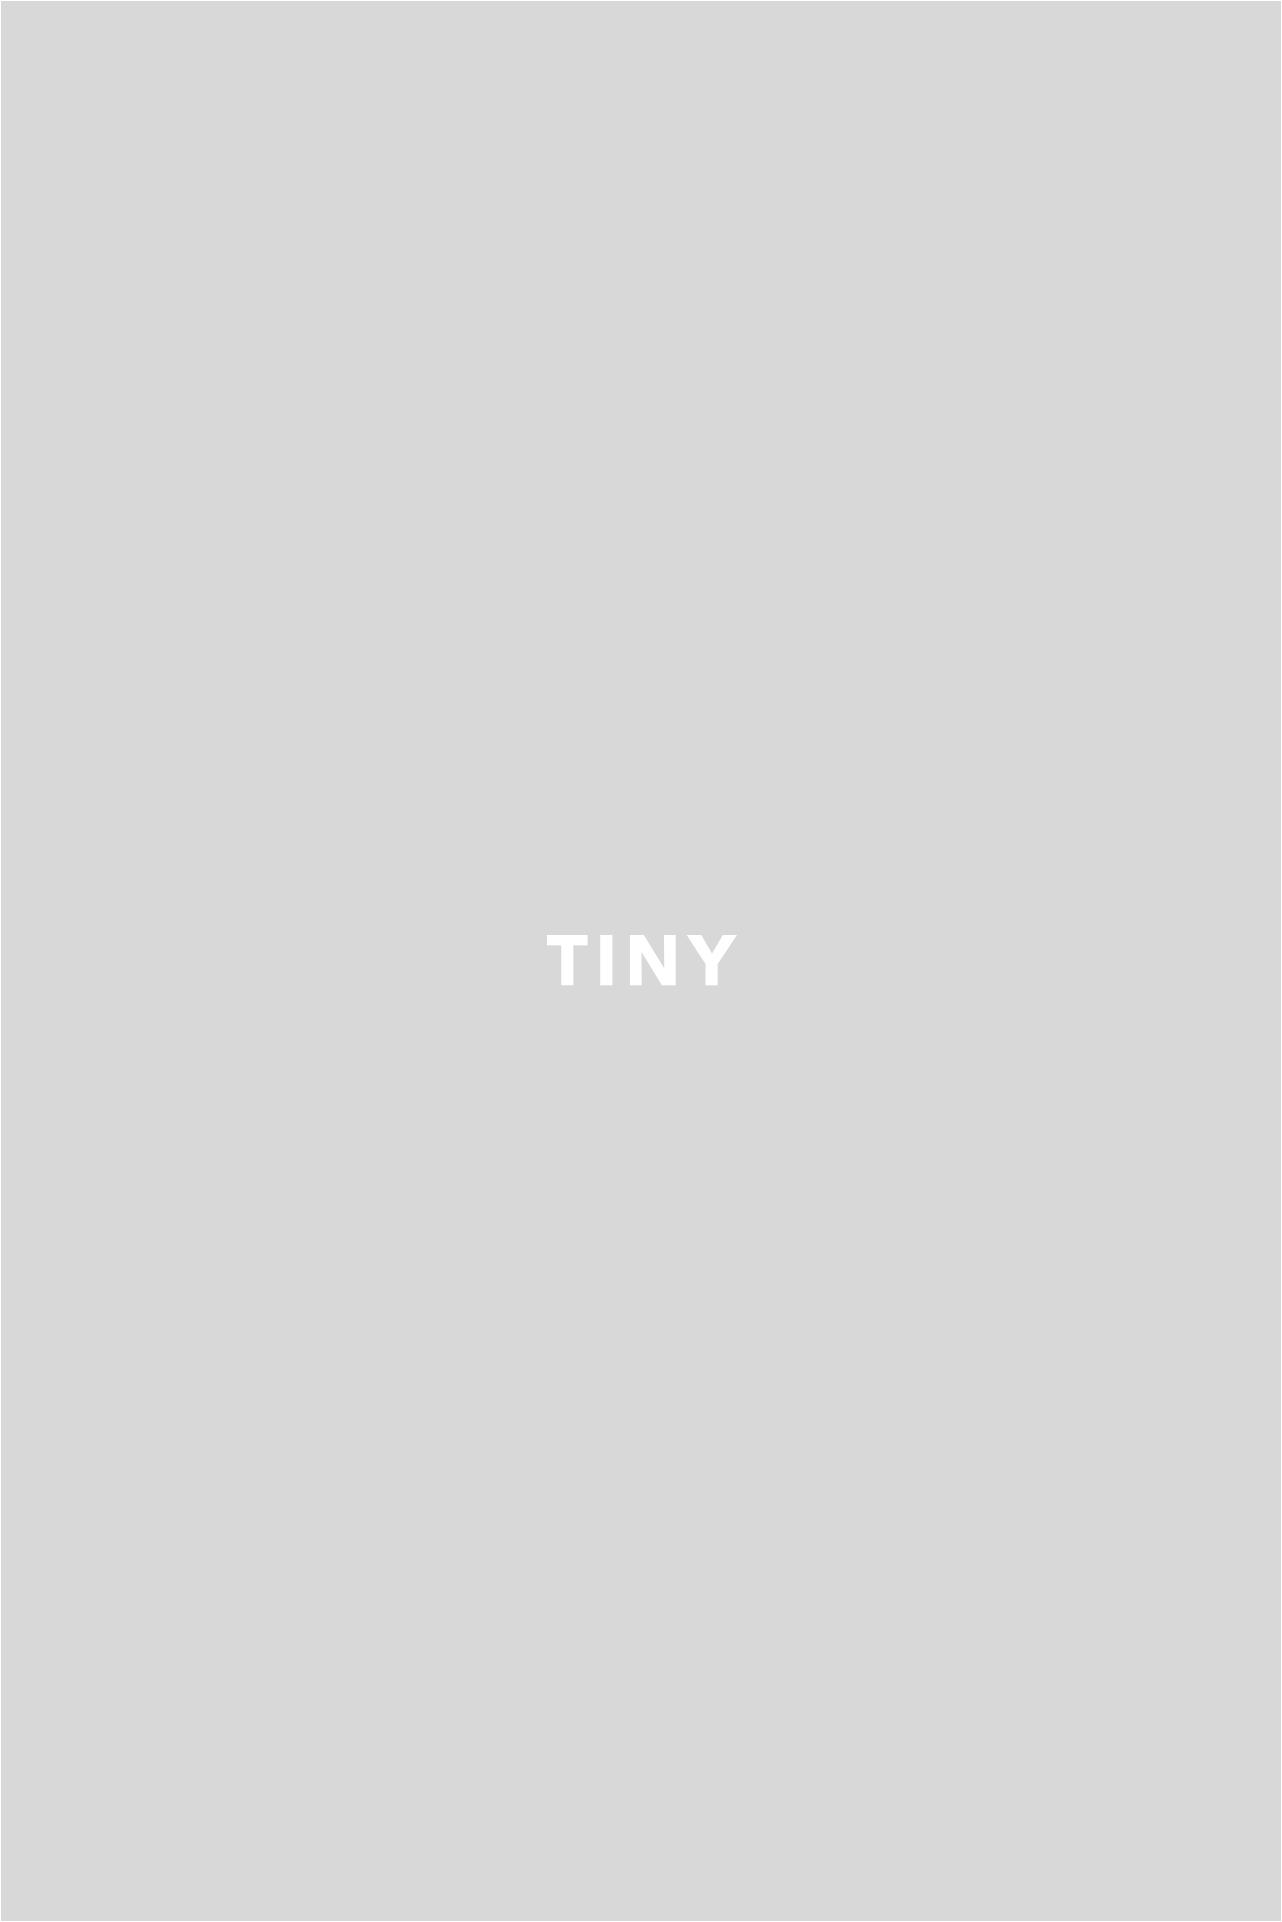 Book La Verdad según Arturo